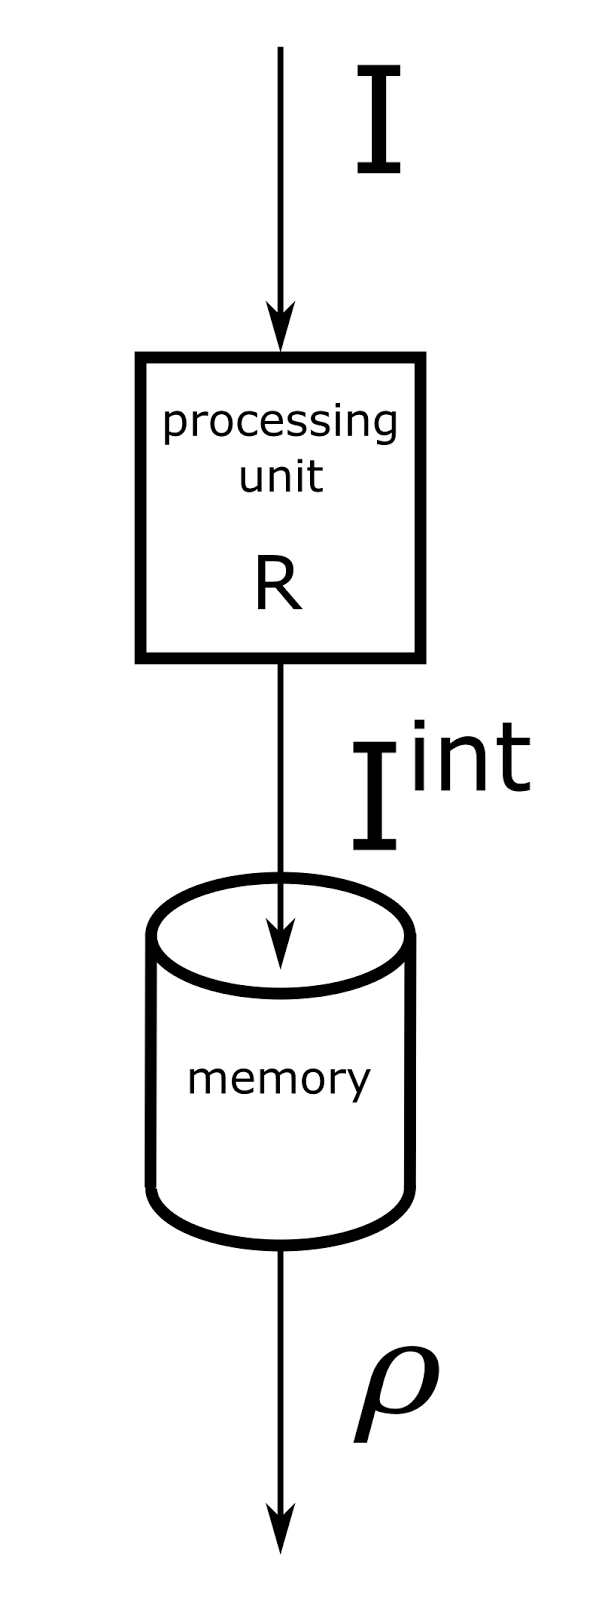 Логика сознания. Часть 5. Смысловой подход к анализу информации - 11